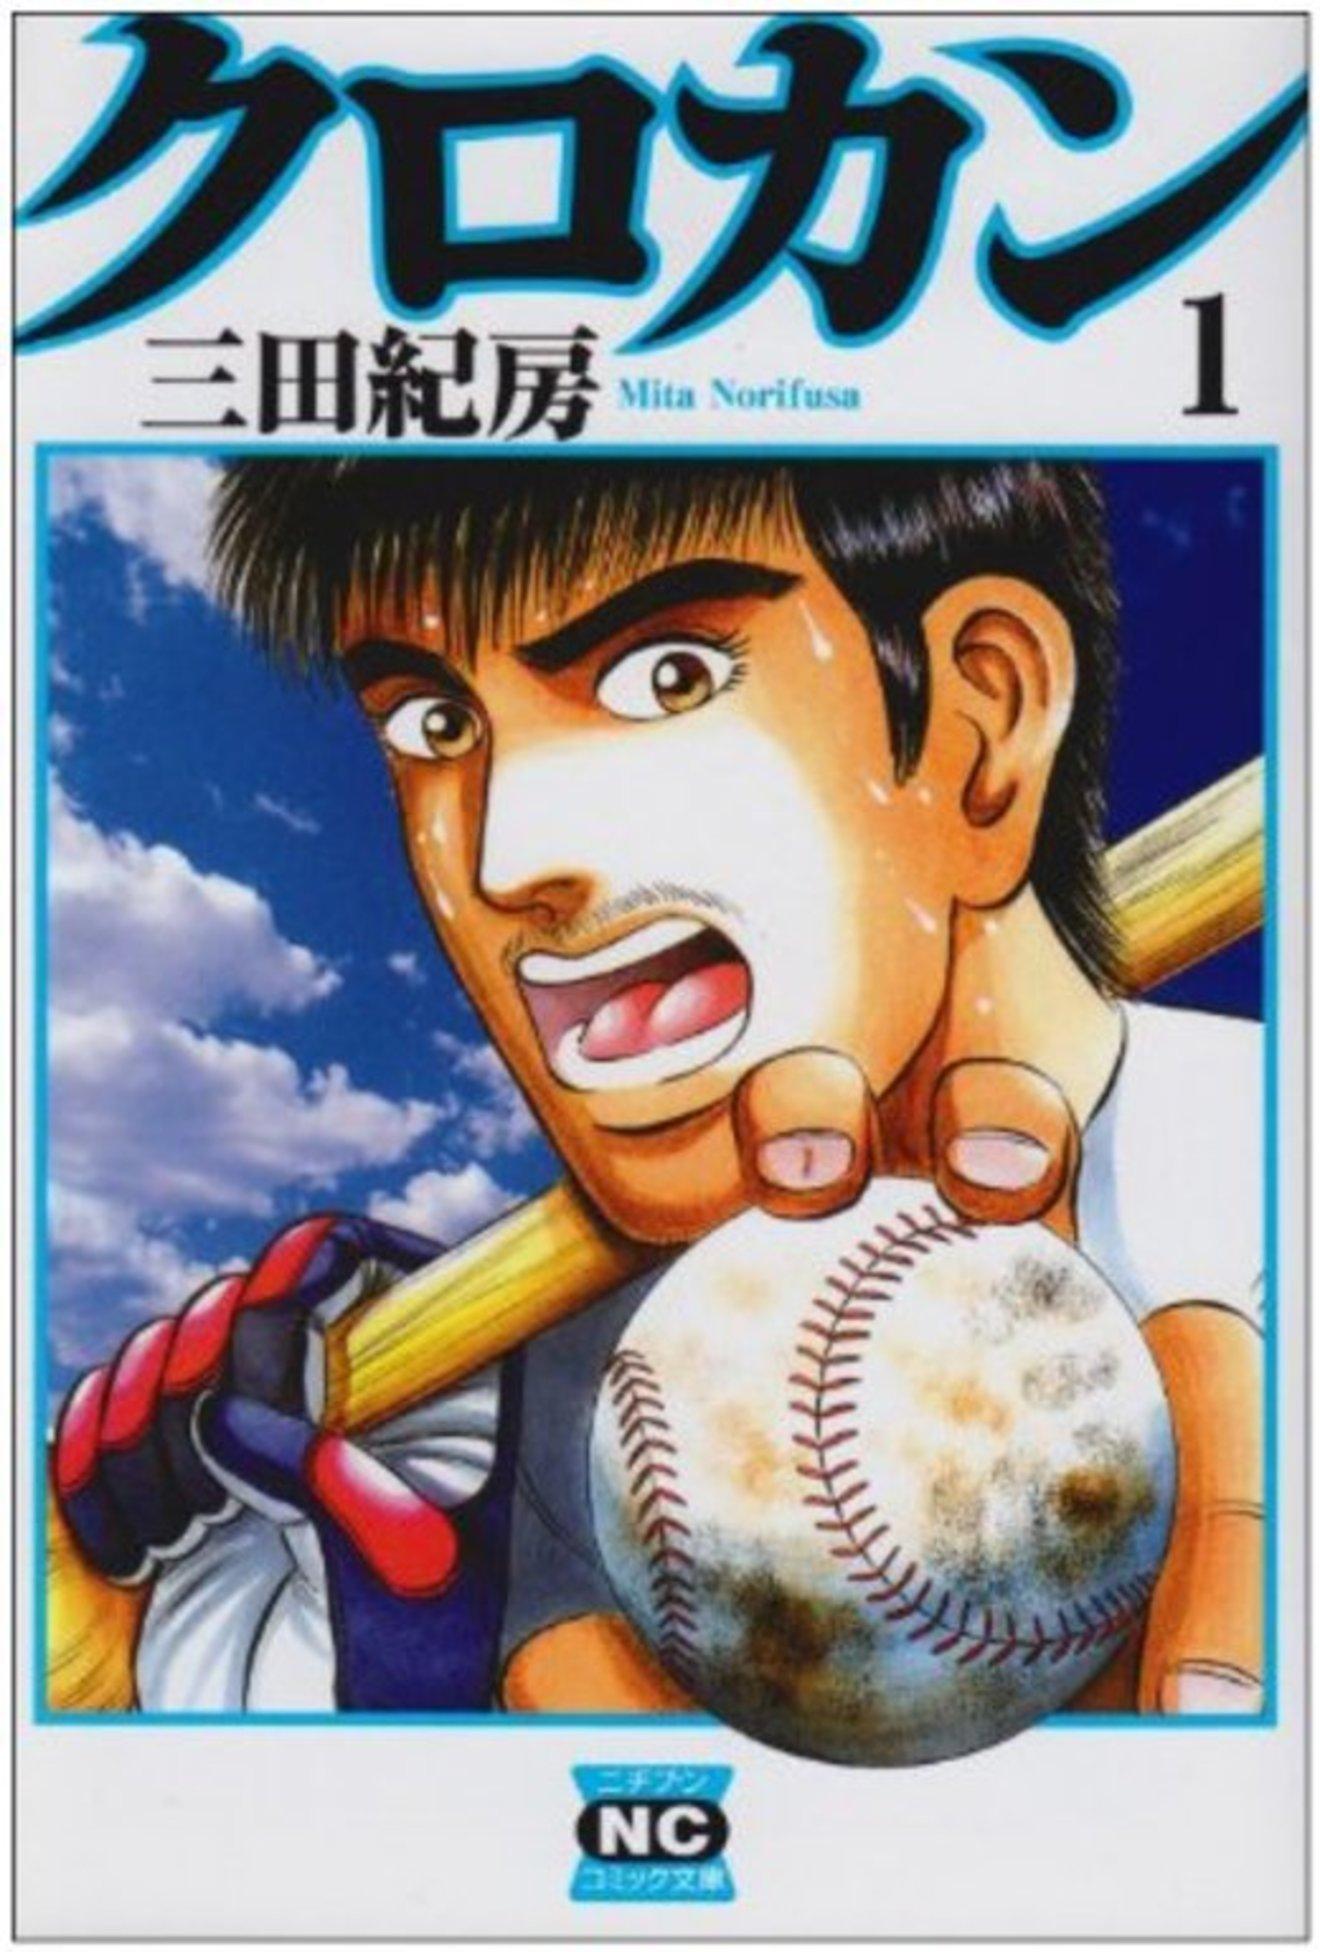 『クロカン』が全巻無料!監督が主役の熱い野球漫画の魅力をネタバレ紹介!